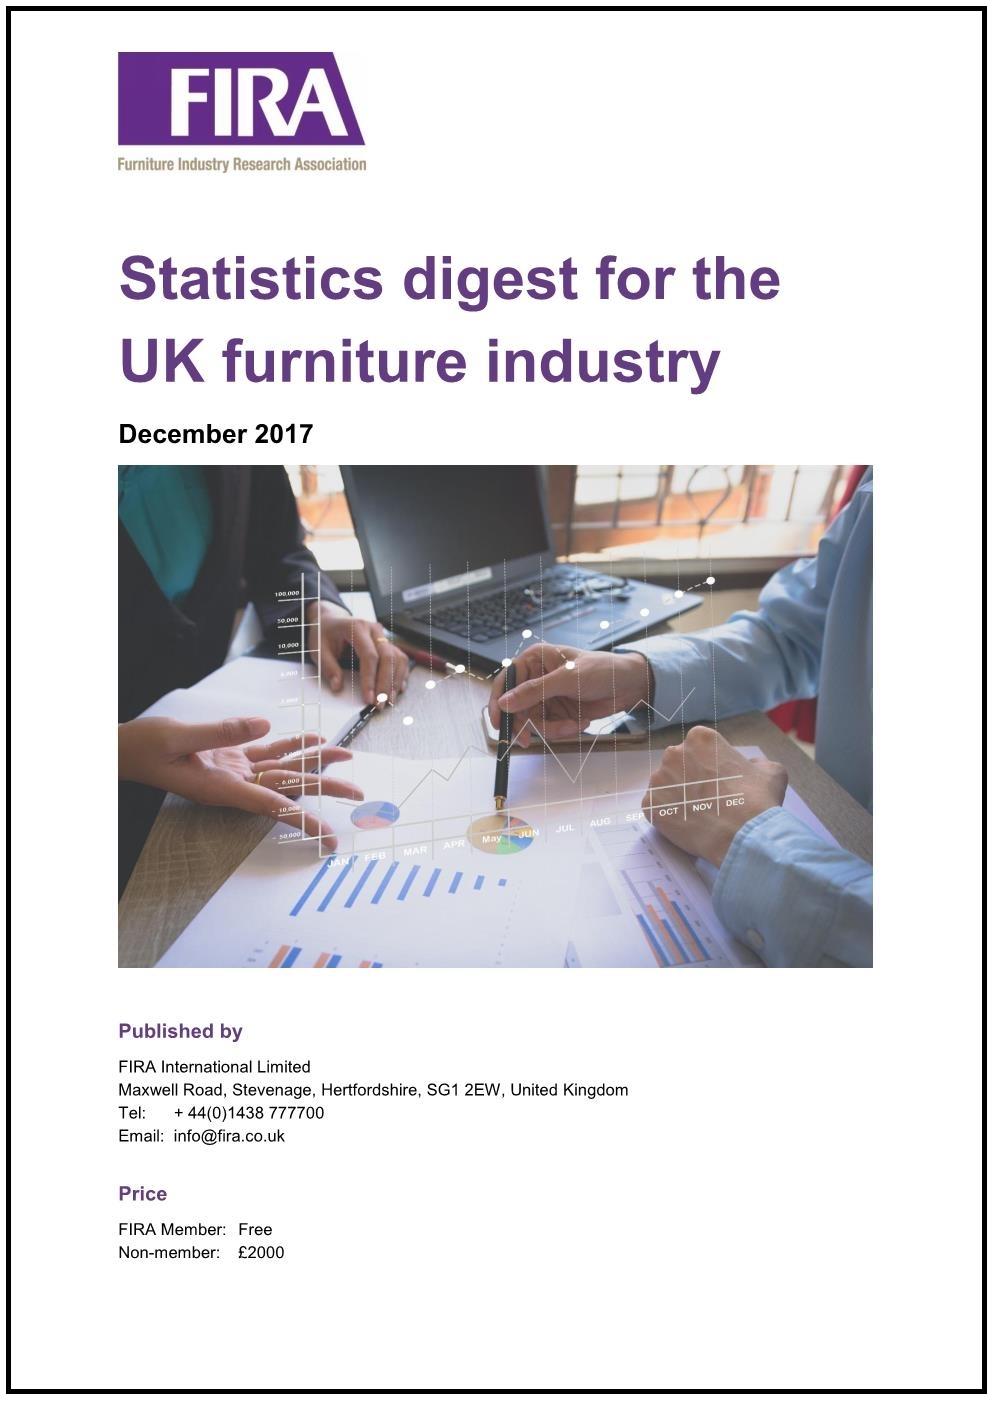 FIRA-Statistics-Digest-2017-Cover_180103_101916.jpg#asset:248908